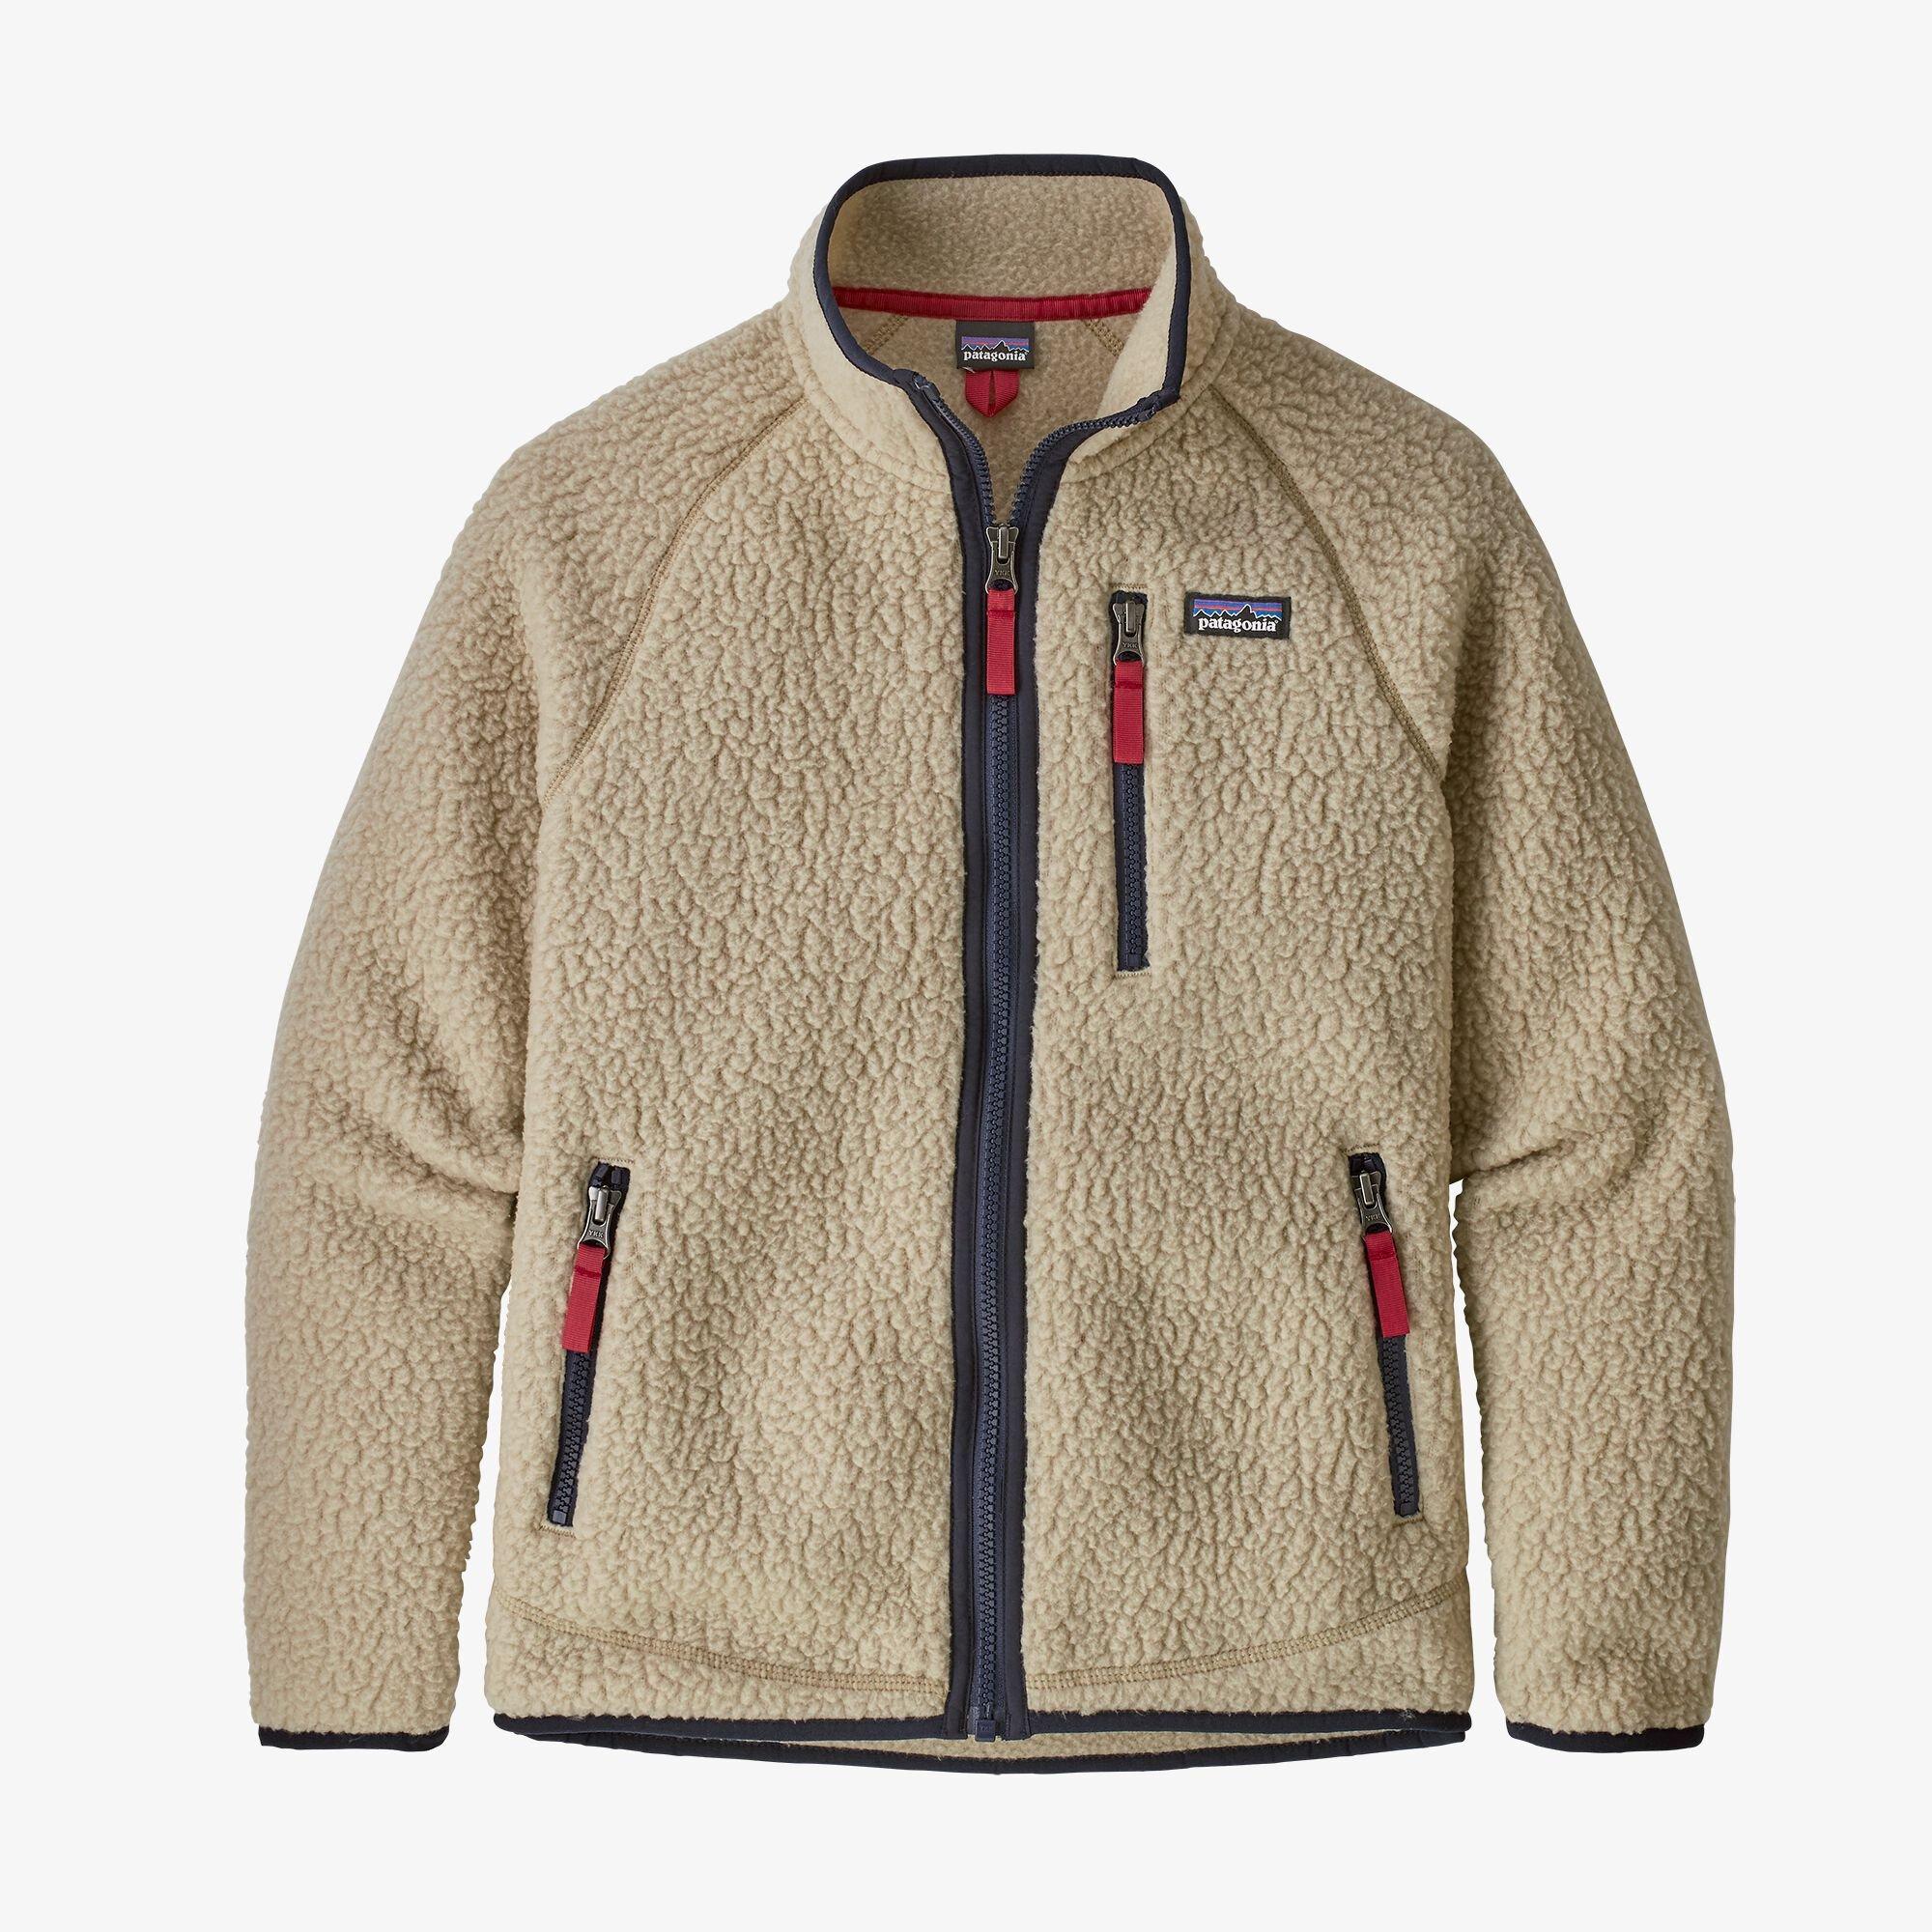 Patagonia Boys Retro Pile Jacket